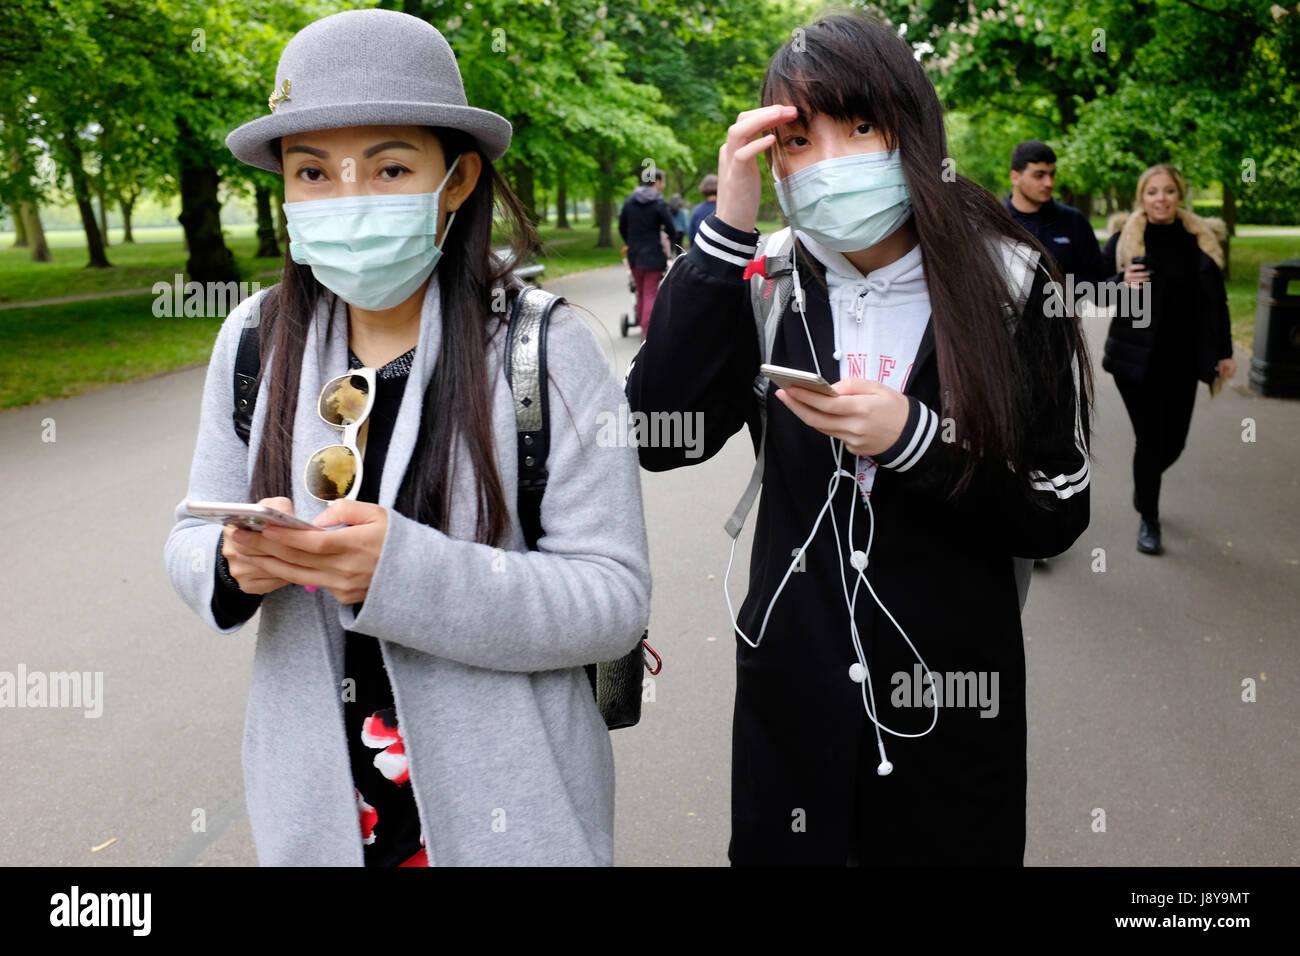 Deux jeunes femmes asiatiques portant des masques de la pollution dans un parc de Londres, Angleterre, Royaume-Uni. Photo Stock